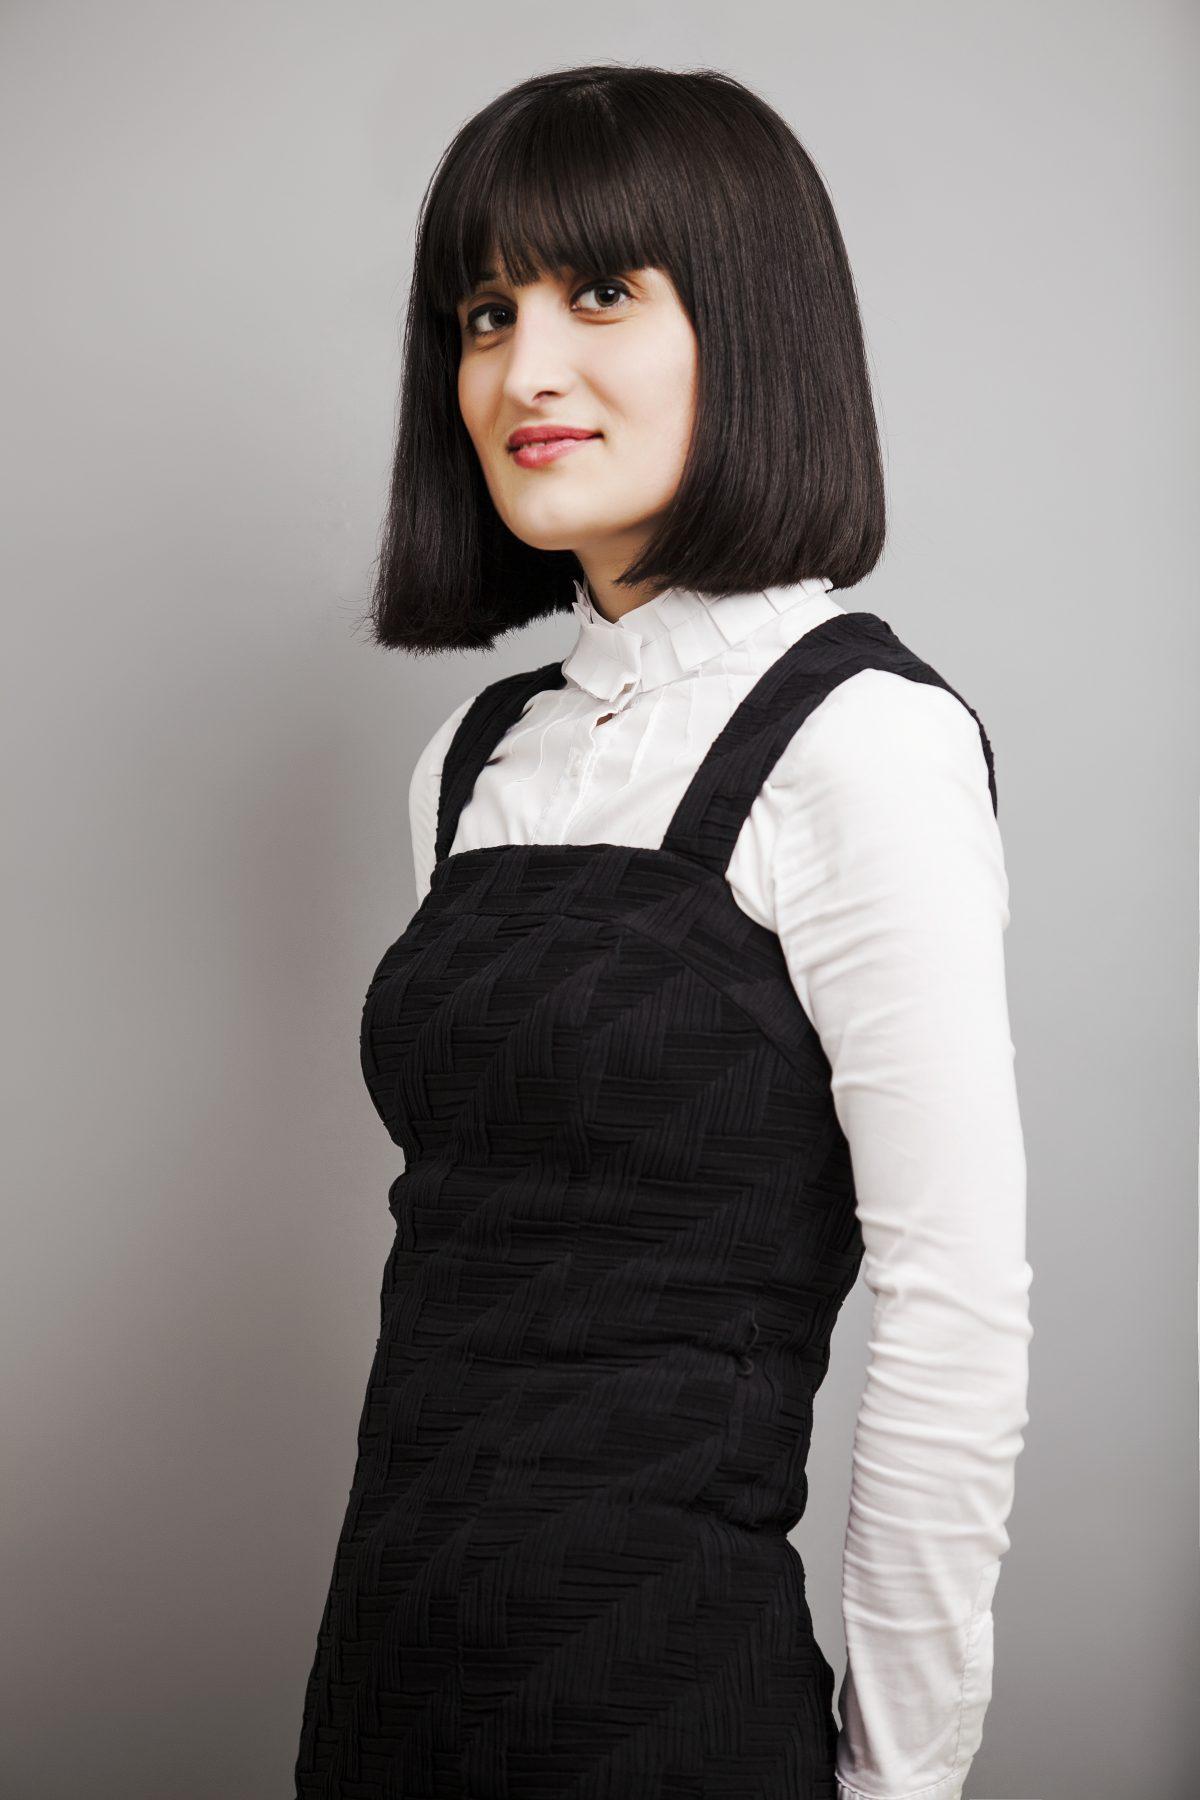 Teona Turashvili - Georgia